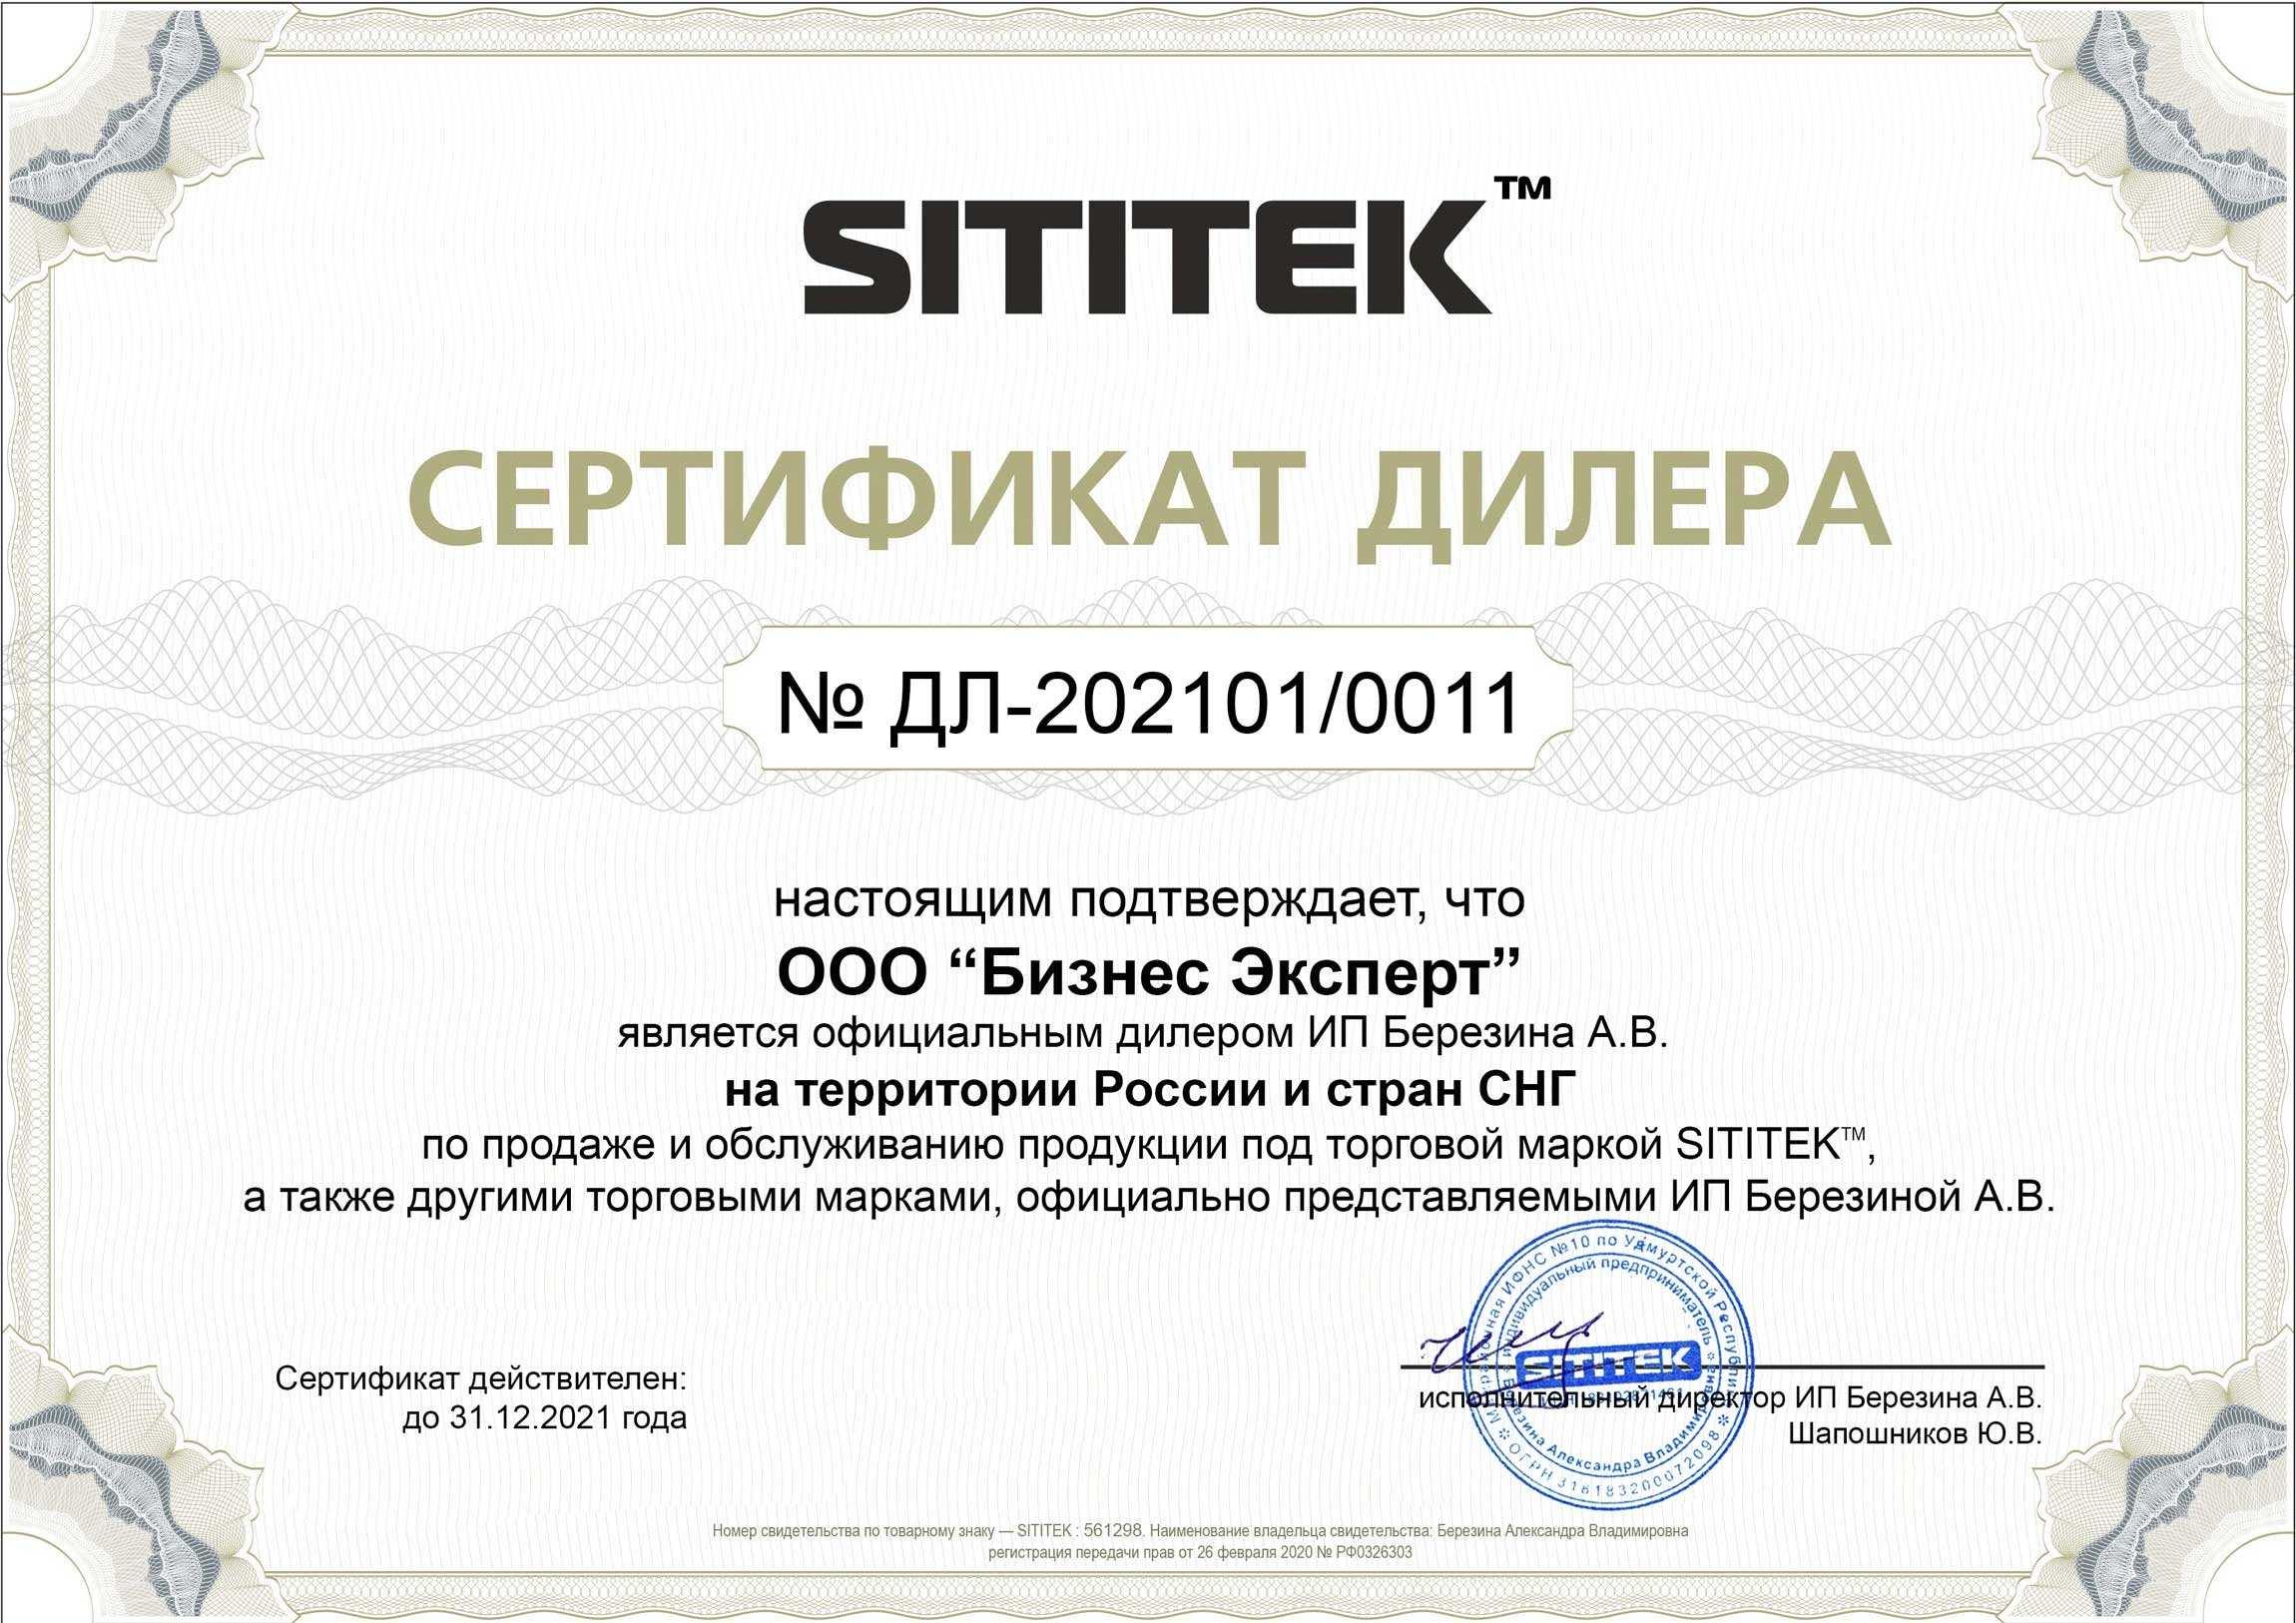 Сертификат дилера, наделяющий наш интернет-магазин правами на поставку и обслуживание товаров под маркой Sititek